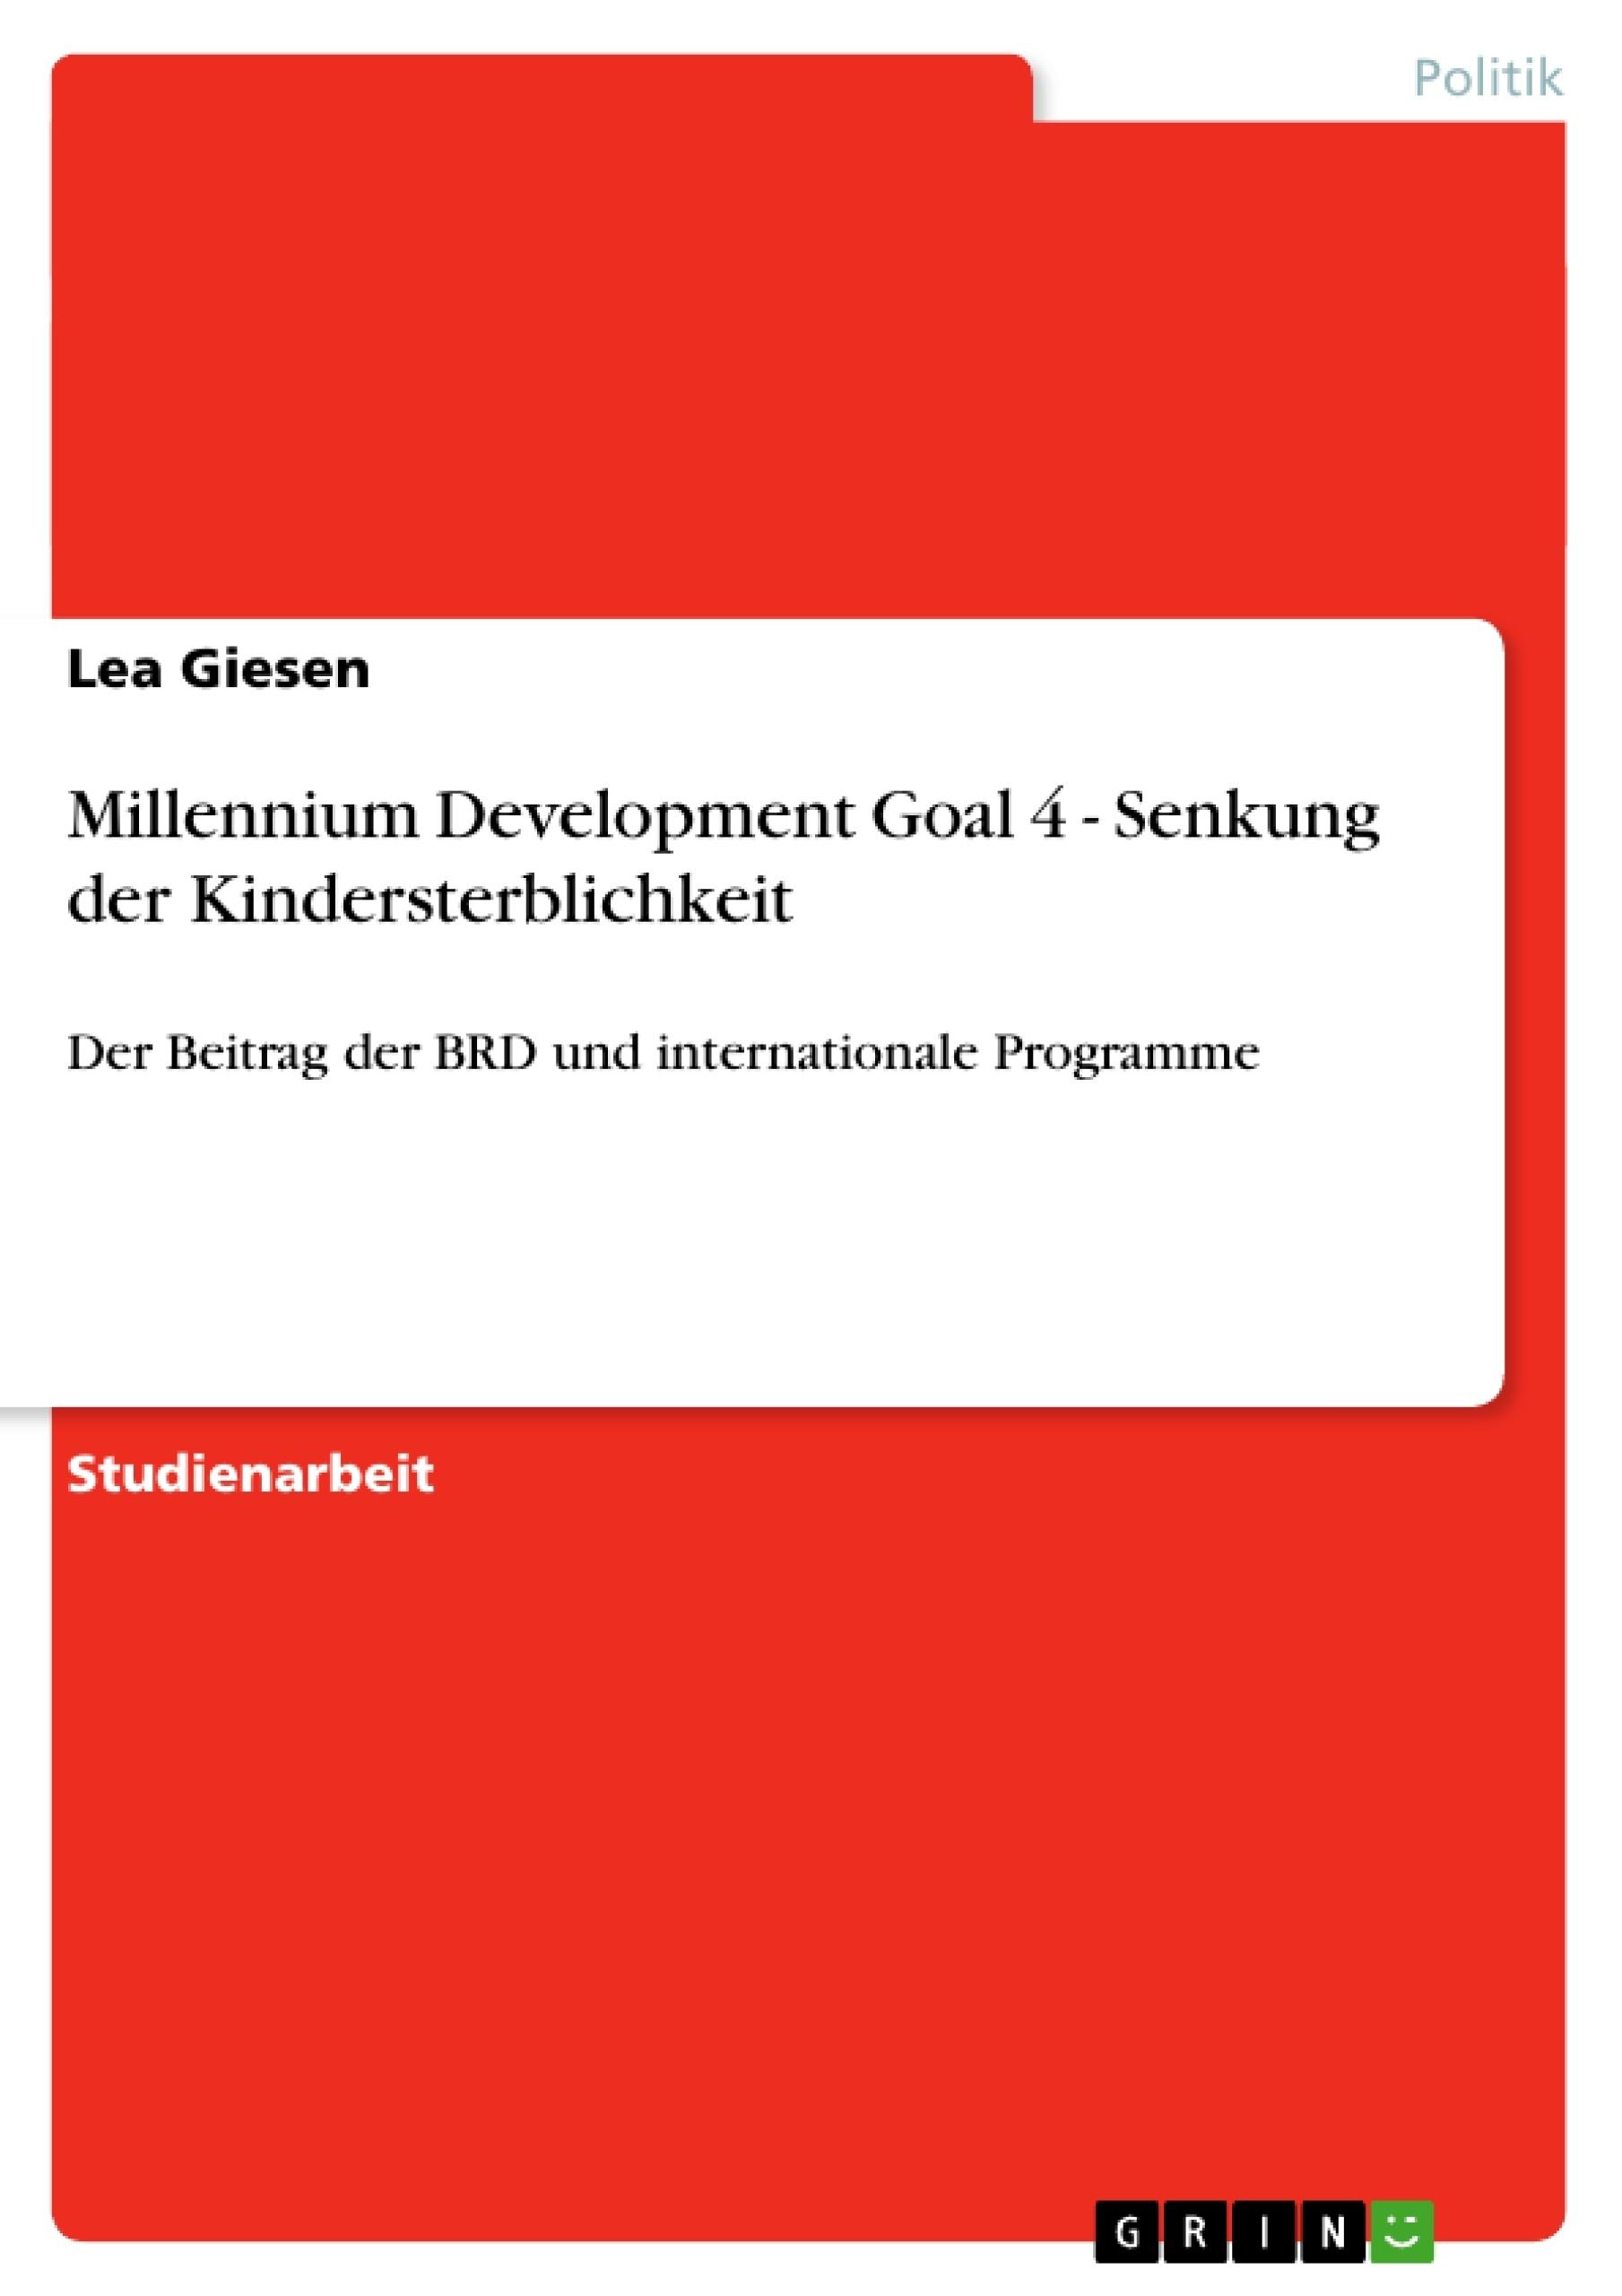 Titel: Millennium Development Goal 4 - Senkung der Kindersterblichkeit